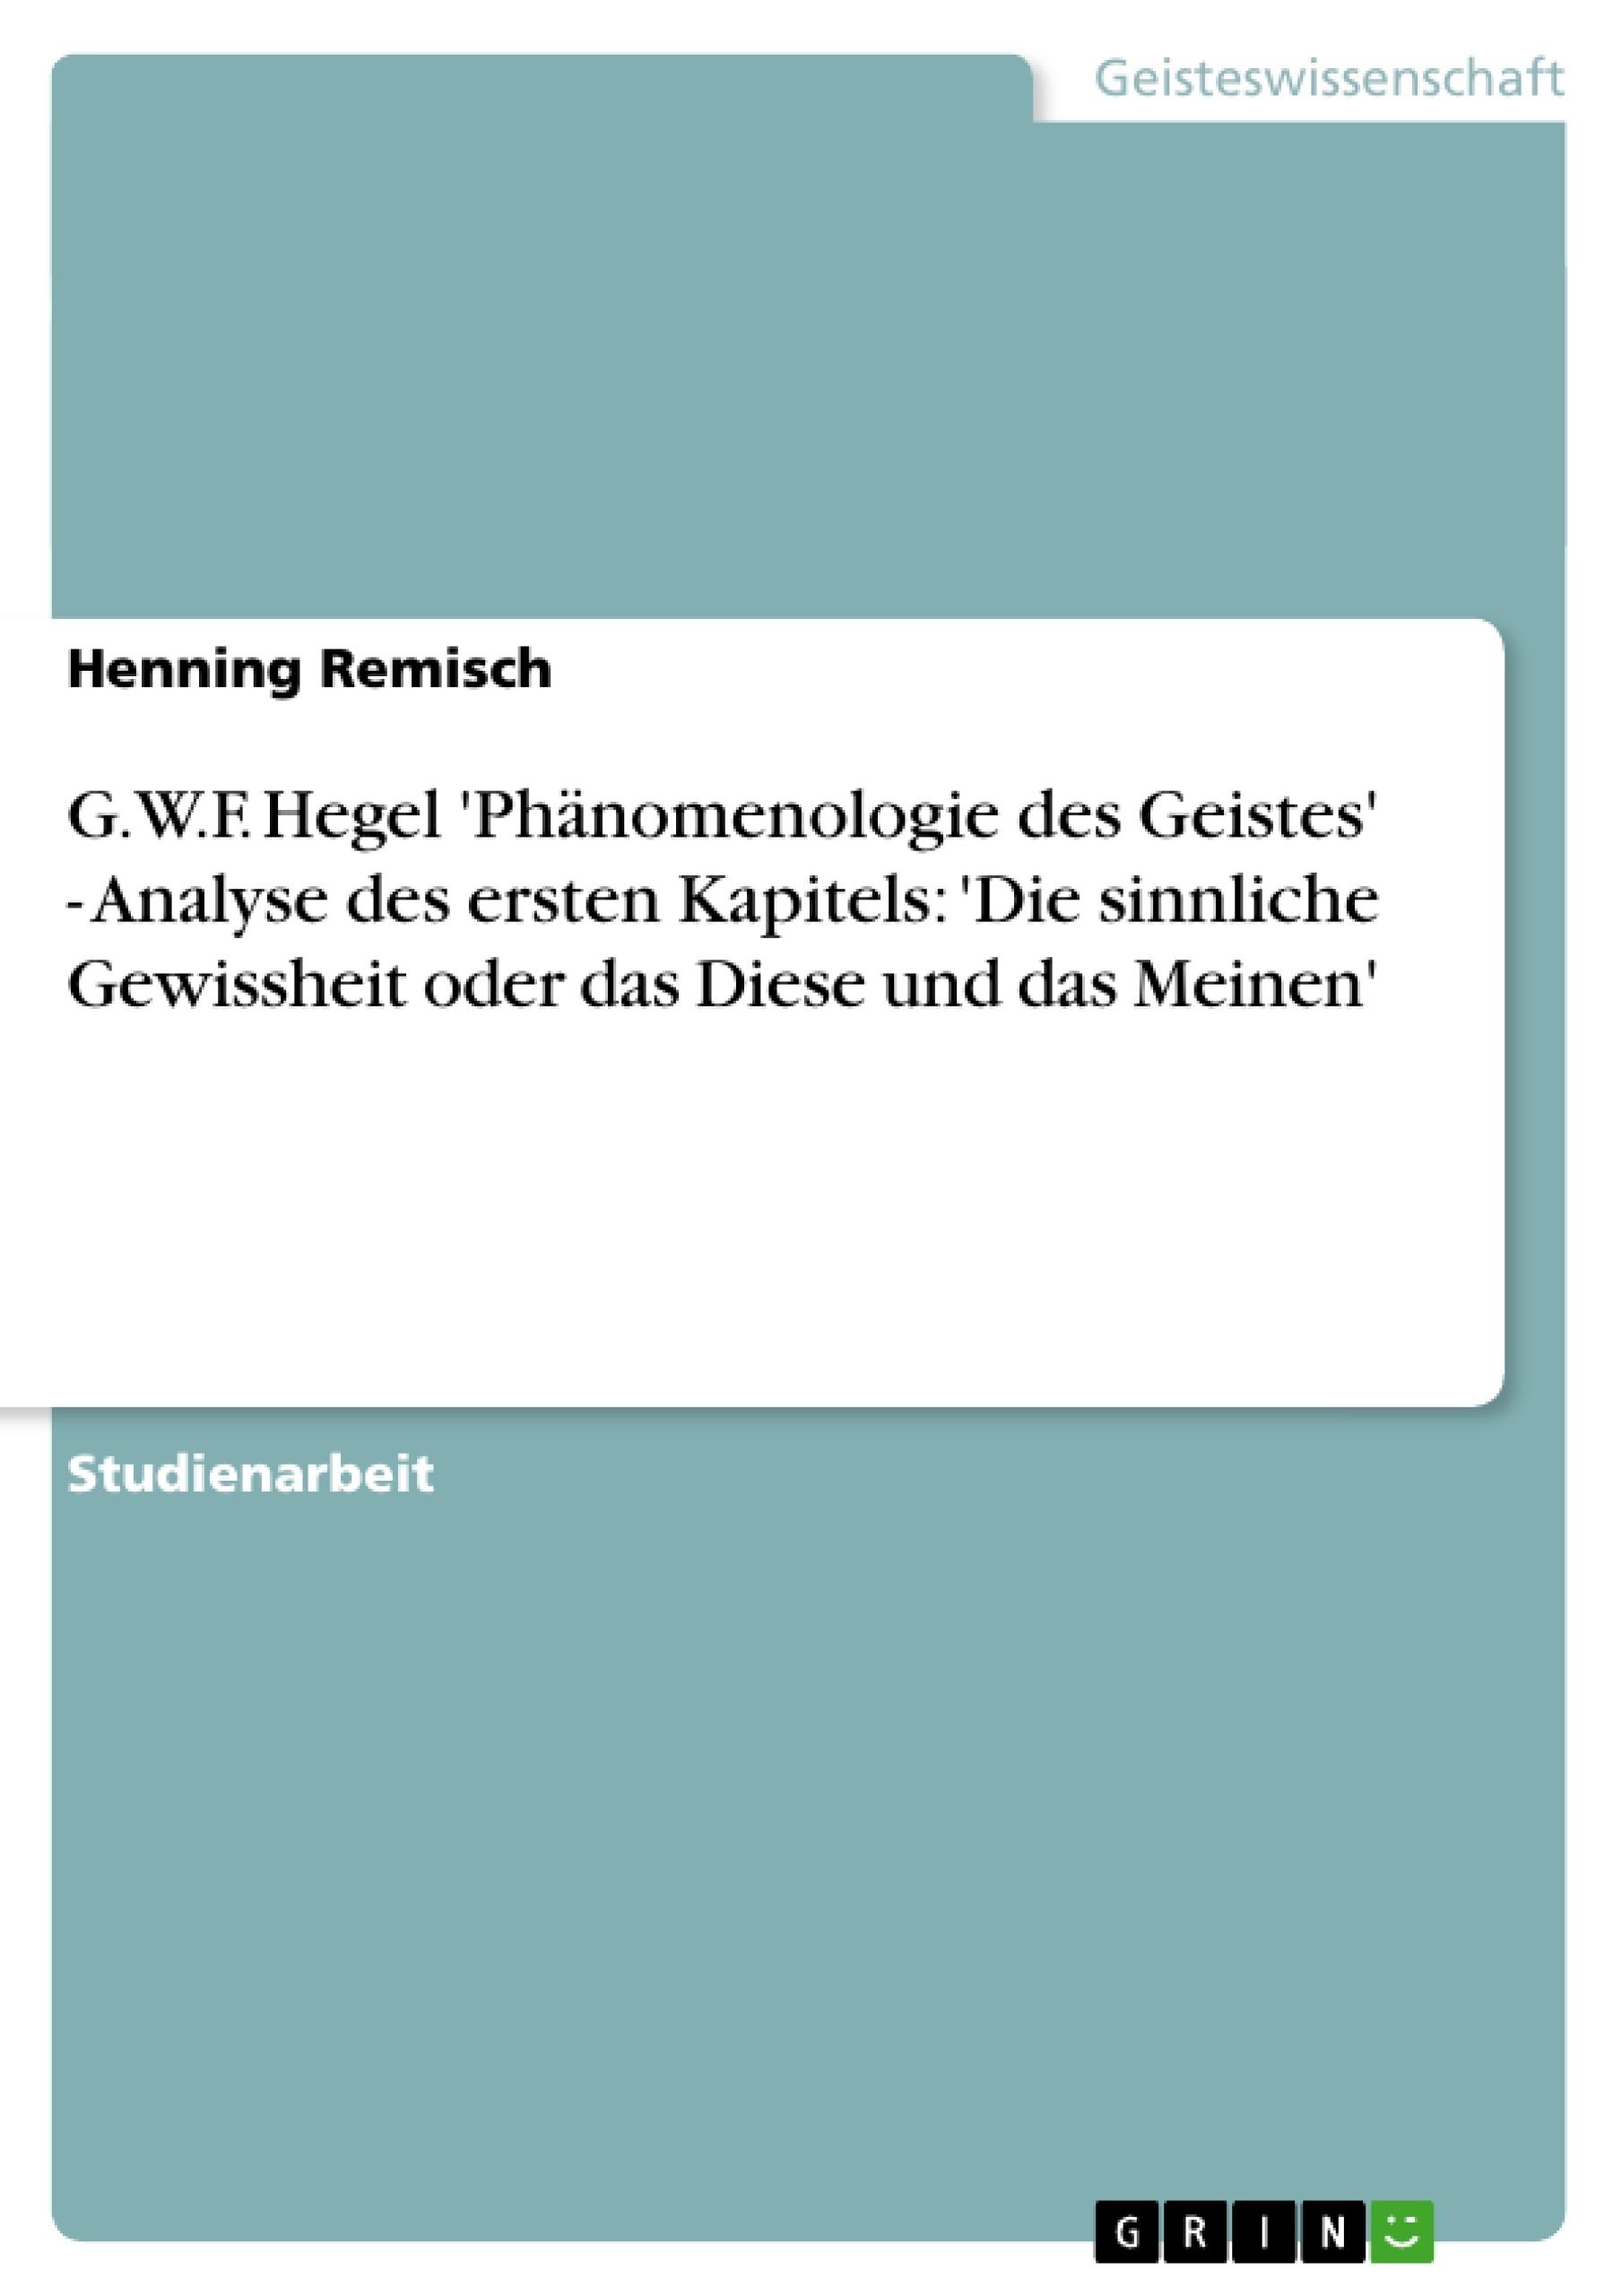 Titel: G.W.F. Hegel 'Phänomenologie des Geistes'  - Analyse des ersten Kapitels: 'Die sinnliche Gewissheit oder das Diese und das Meinen'